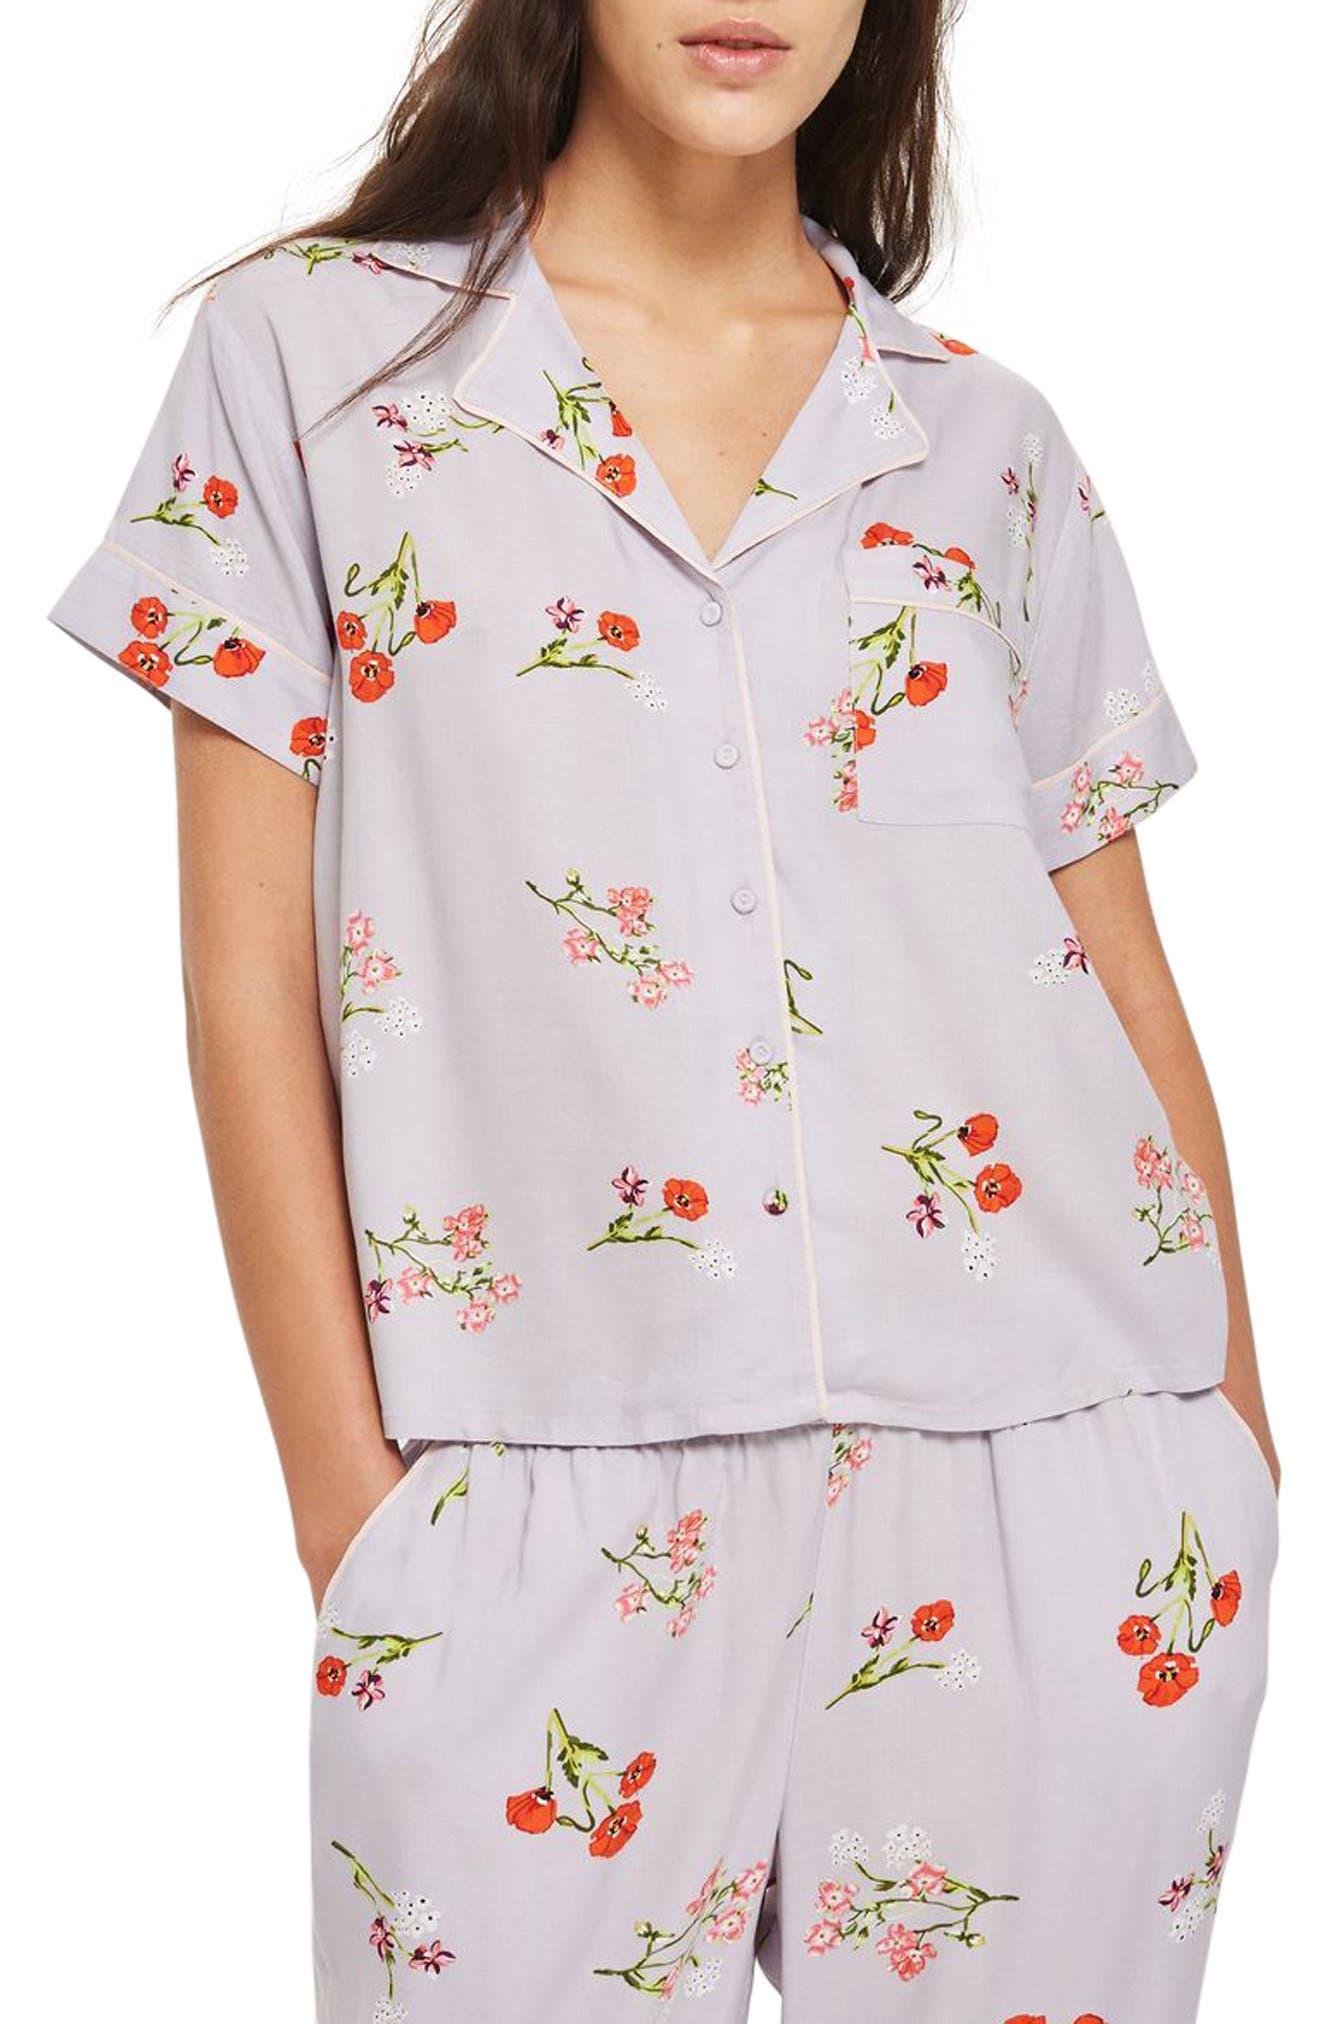 Poppy Pajama Shirt,                         Main,                         color, Light Blue Multi